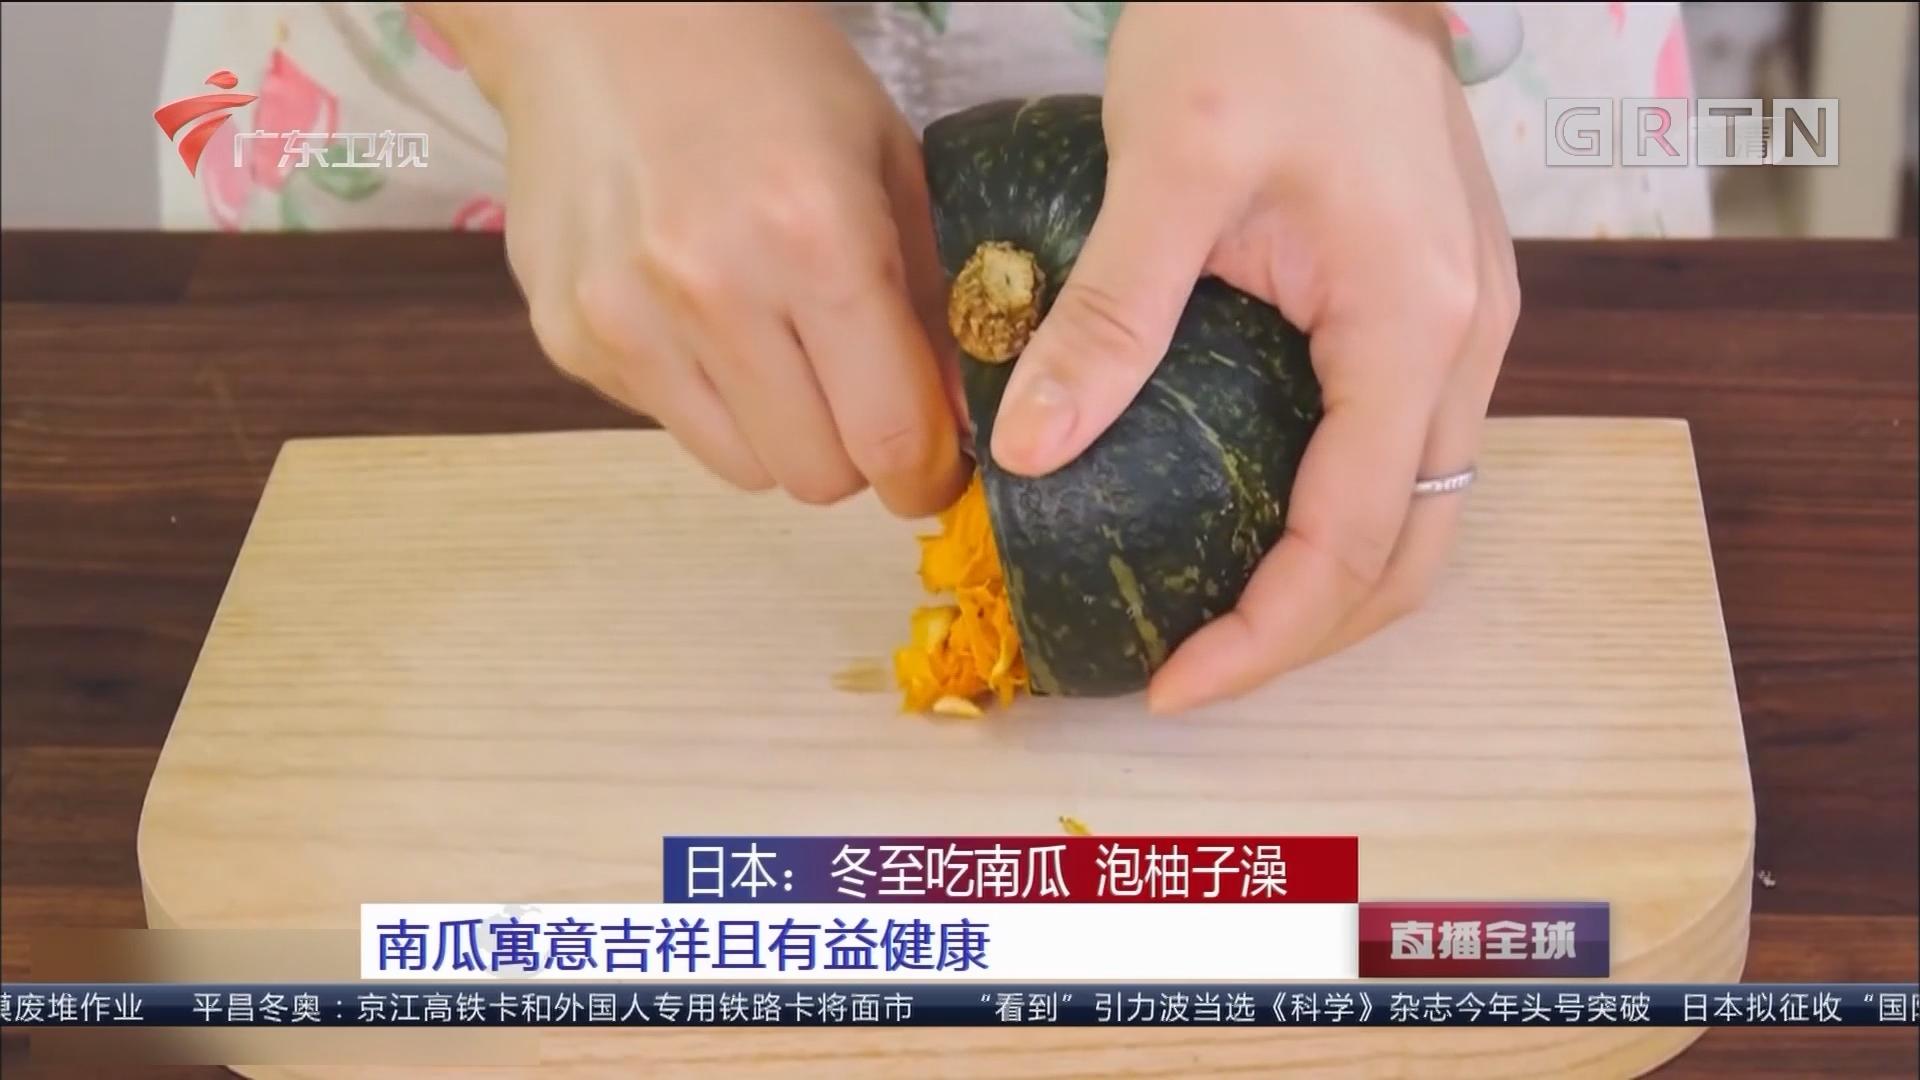 日本:冬至吃南瓜 泡柚子澡 南瓜寓意吉祥且有益健康